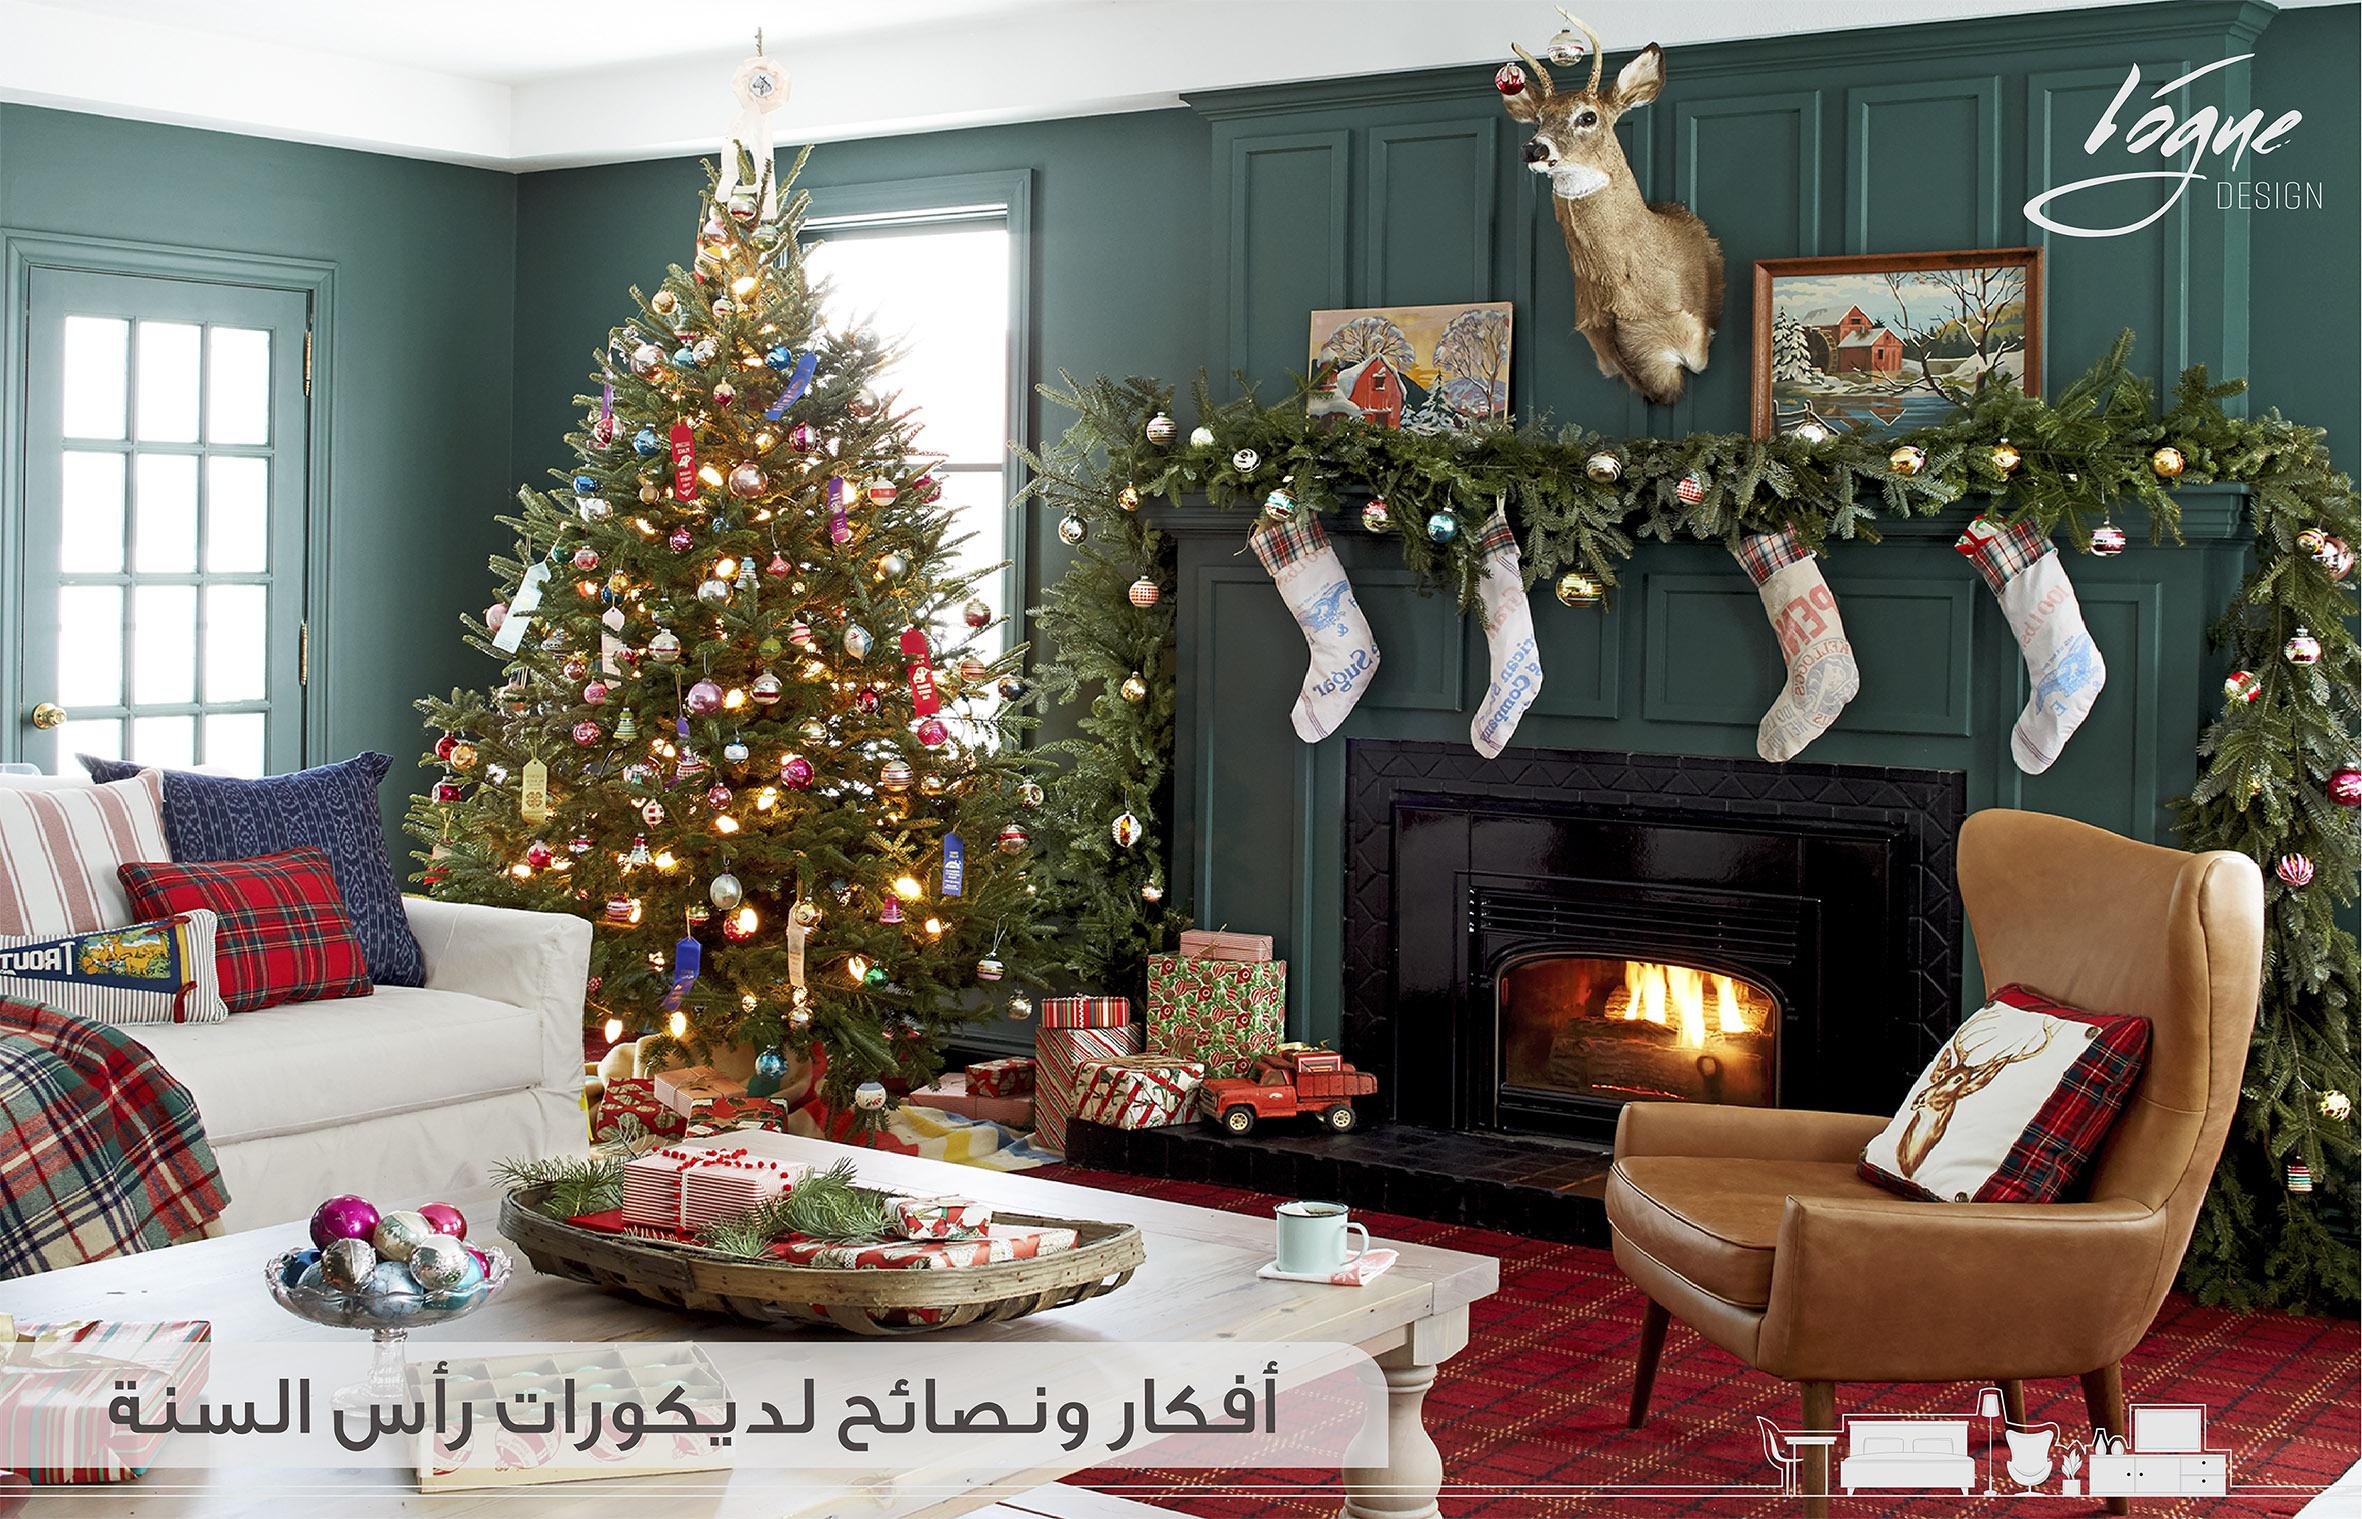 أفكار ونصائح مميزة لديكورات رأس السنة